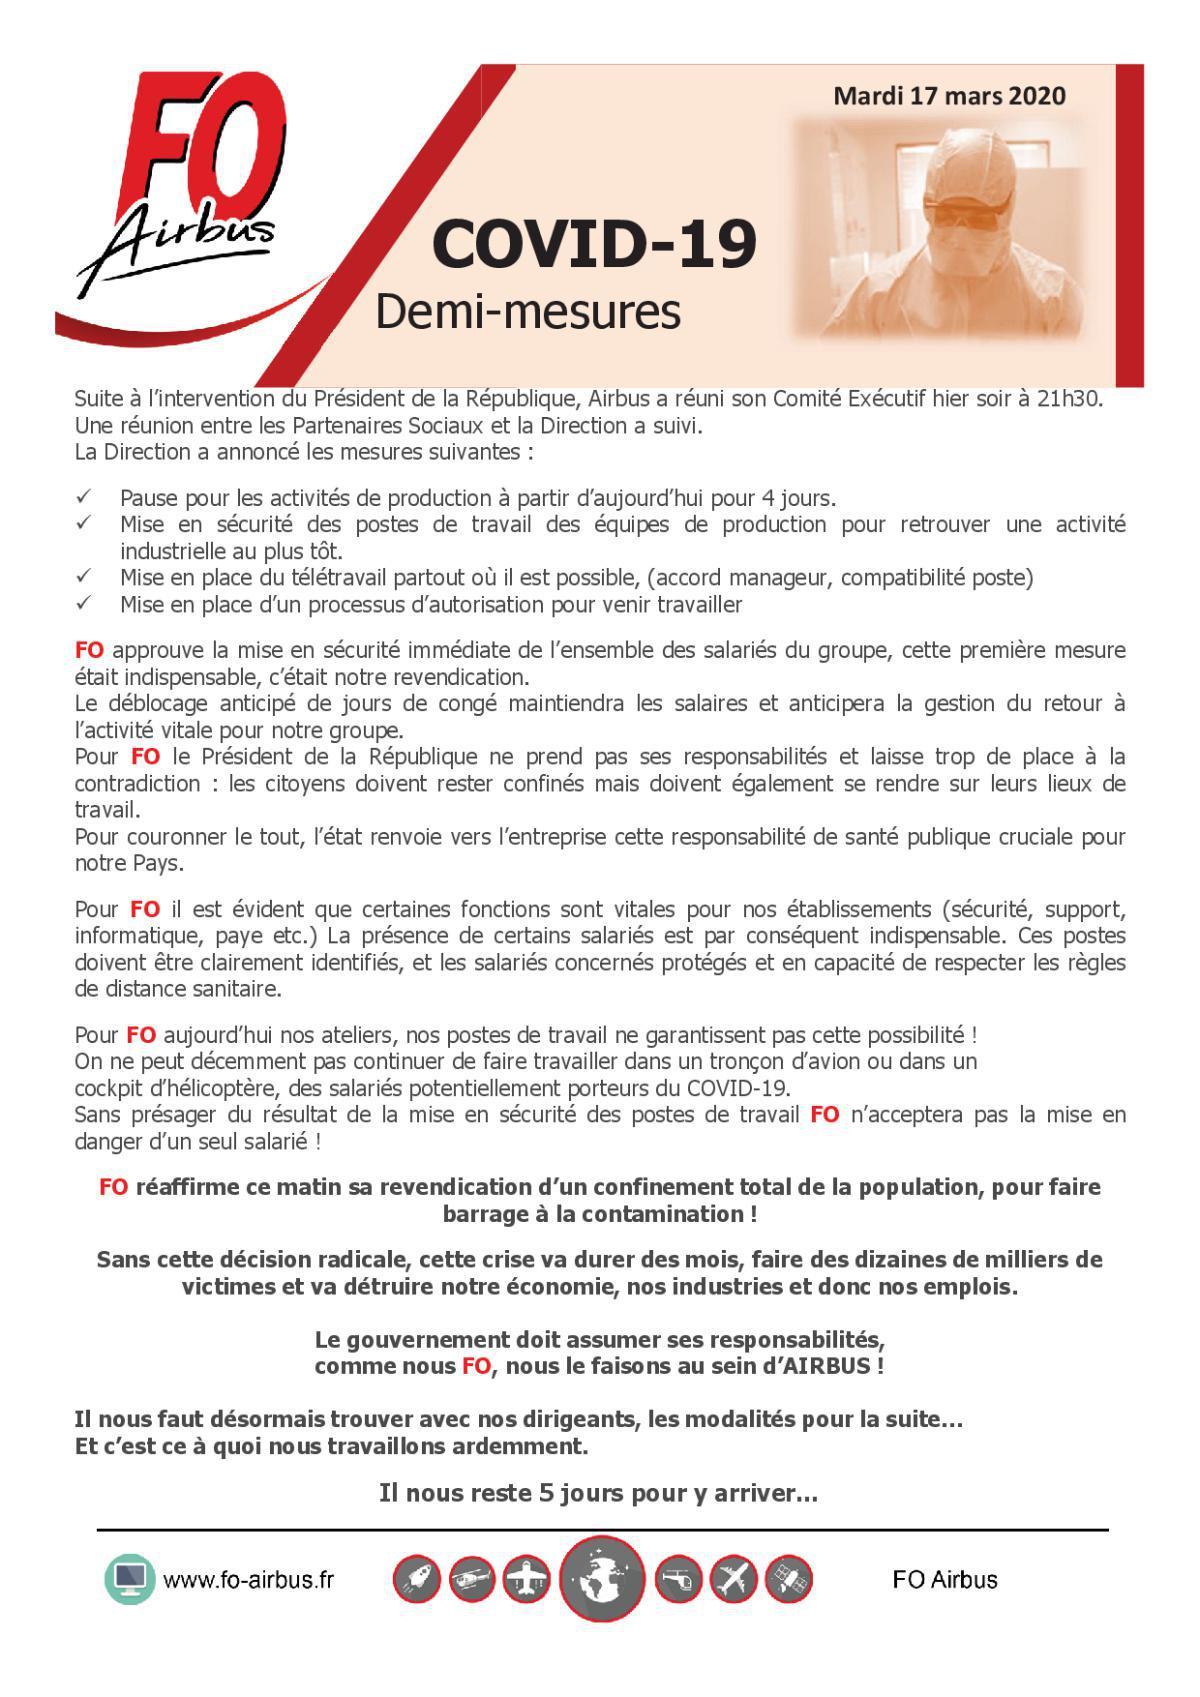 COVID-19 - Demi-mesures